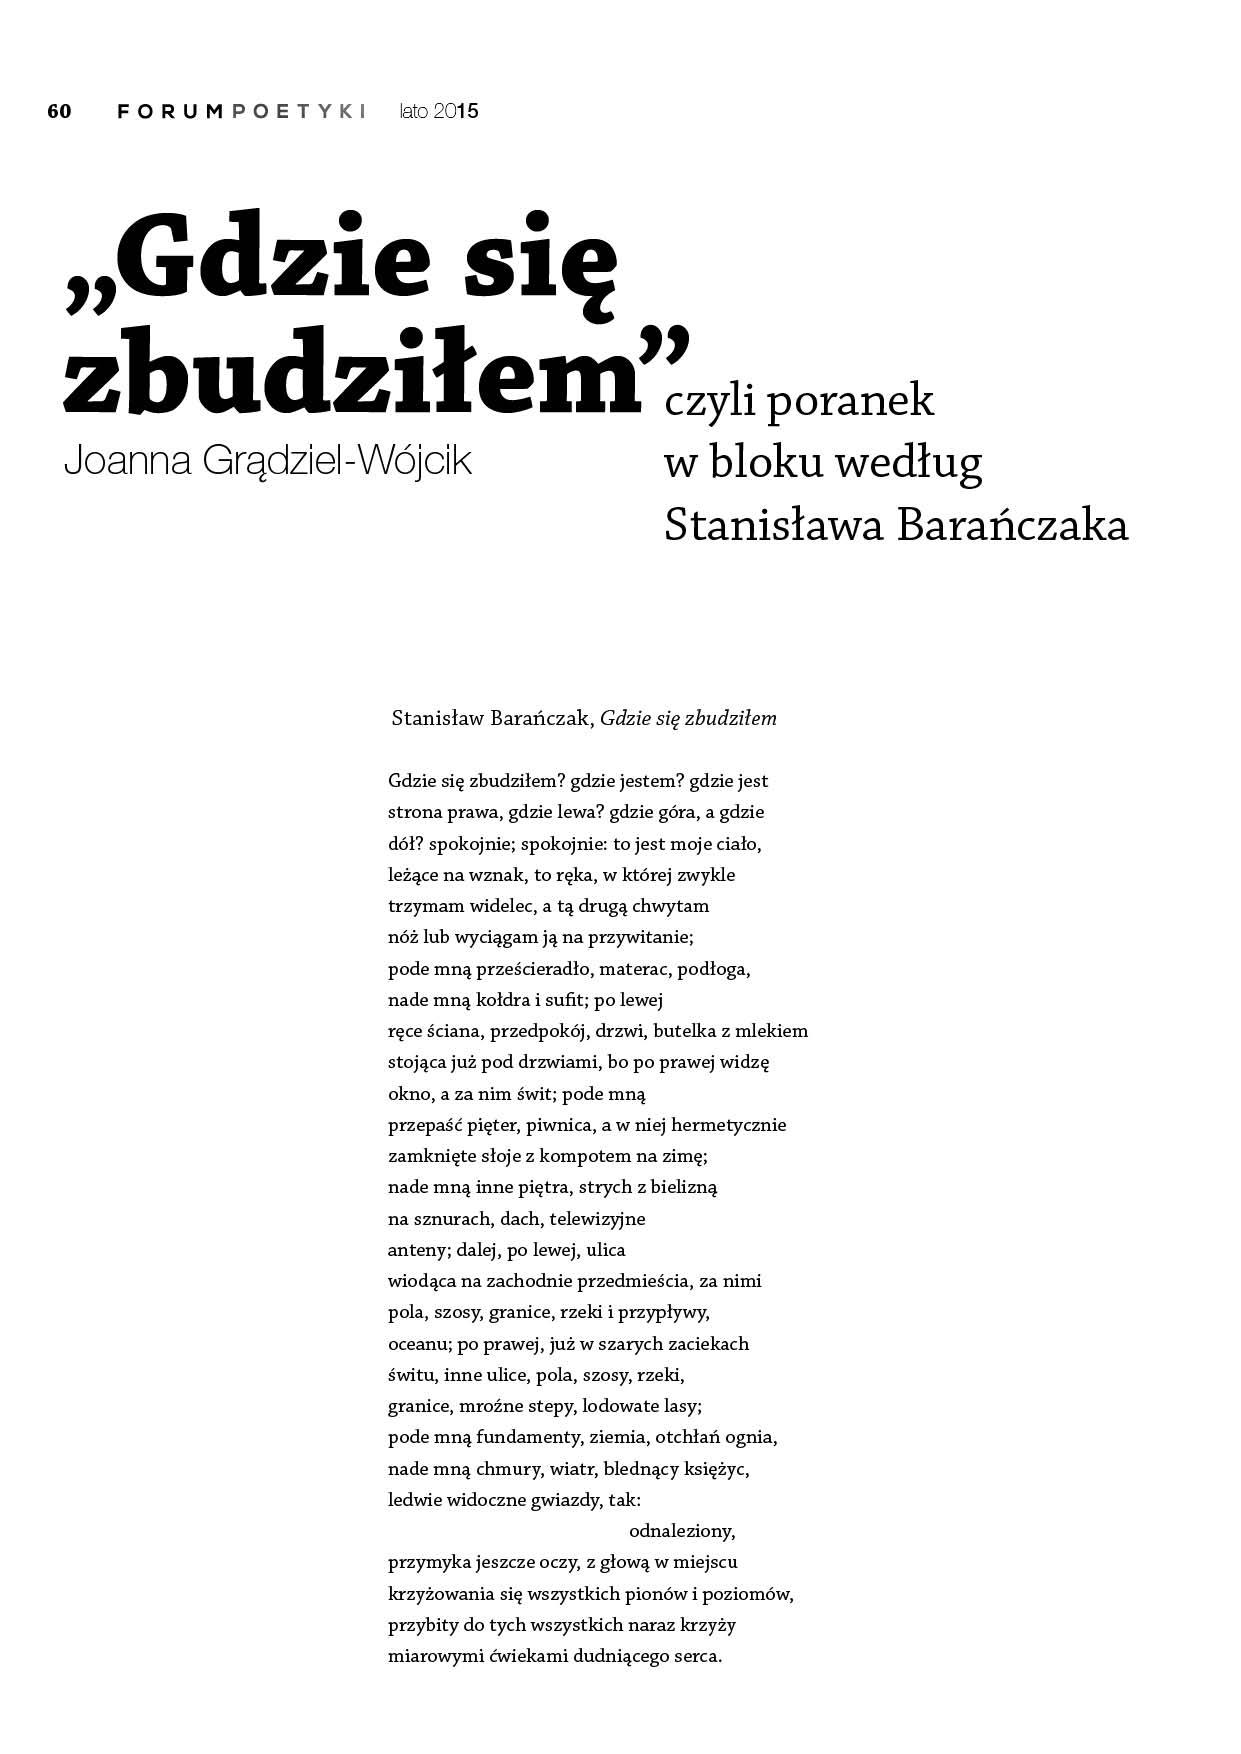 Gdzie się zbudziłem, czyli poranek w bloku według Stanisława Barańczaka